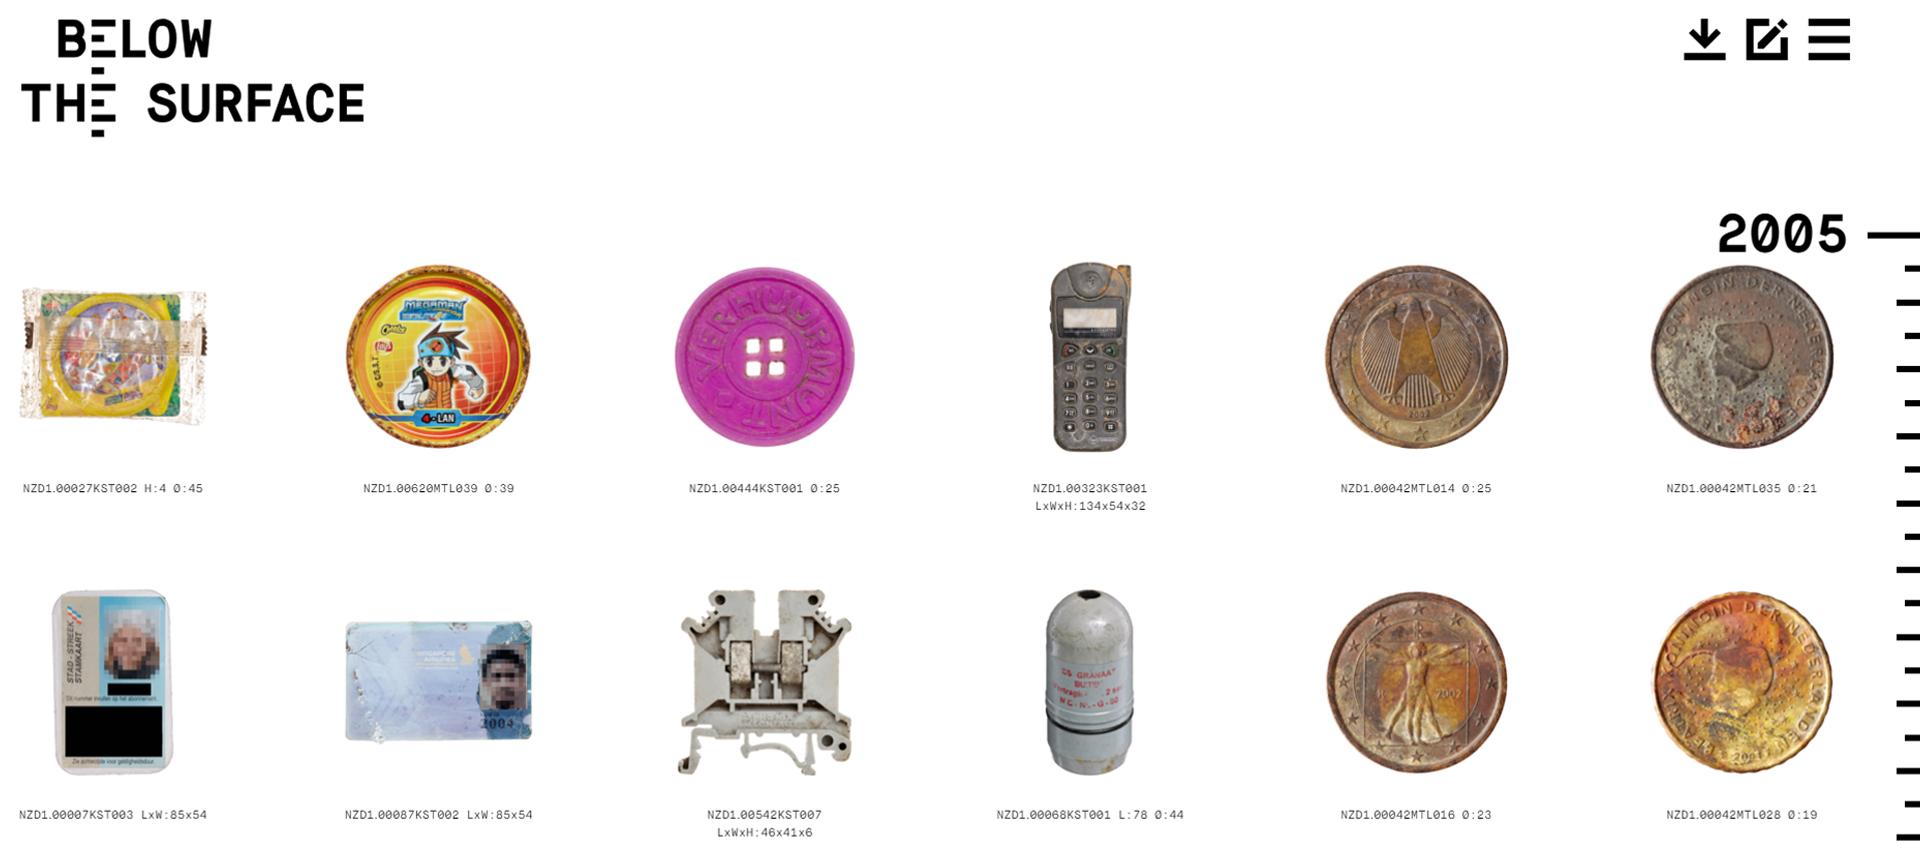 Археологи каталогизировали 700 тысяч вещей из каналов Амстердама Археологи каталогизировали 700 тысяч вещей из каналов Амстердама 00